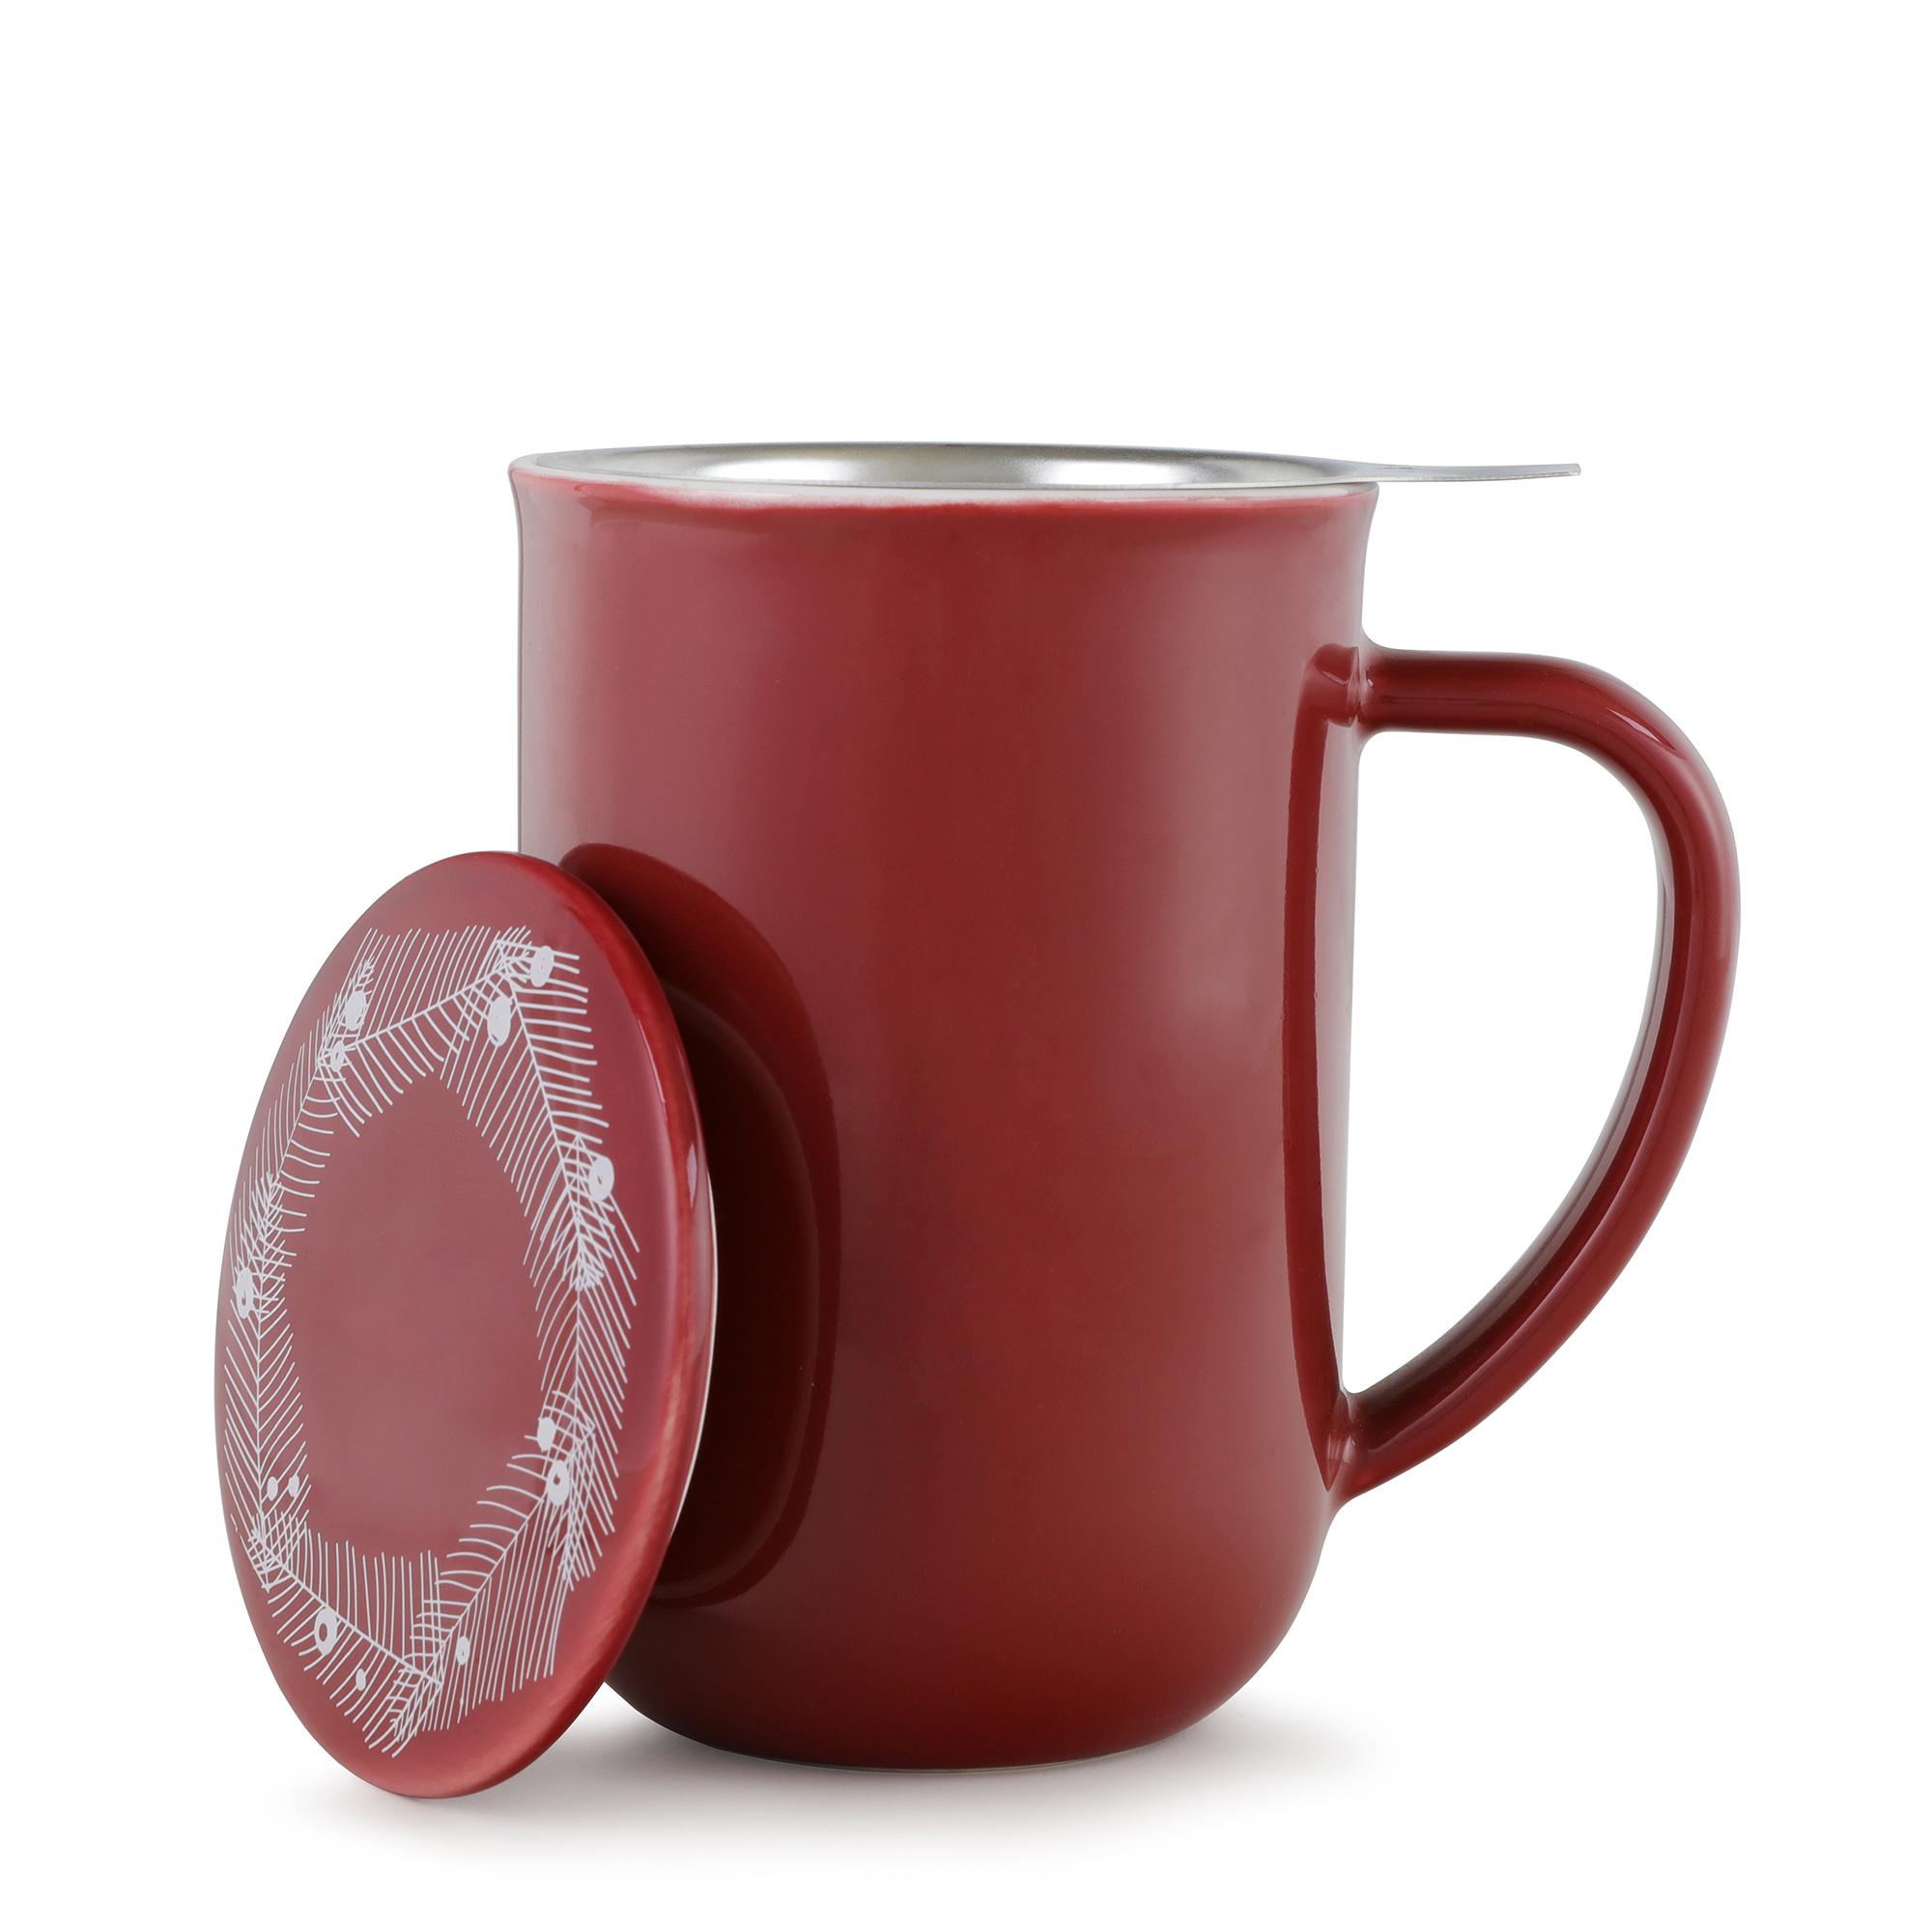 Tasse Minima™ balance hivernale rouge